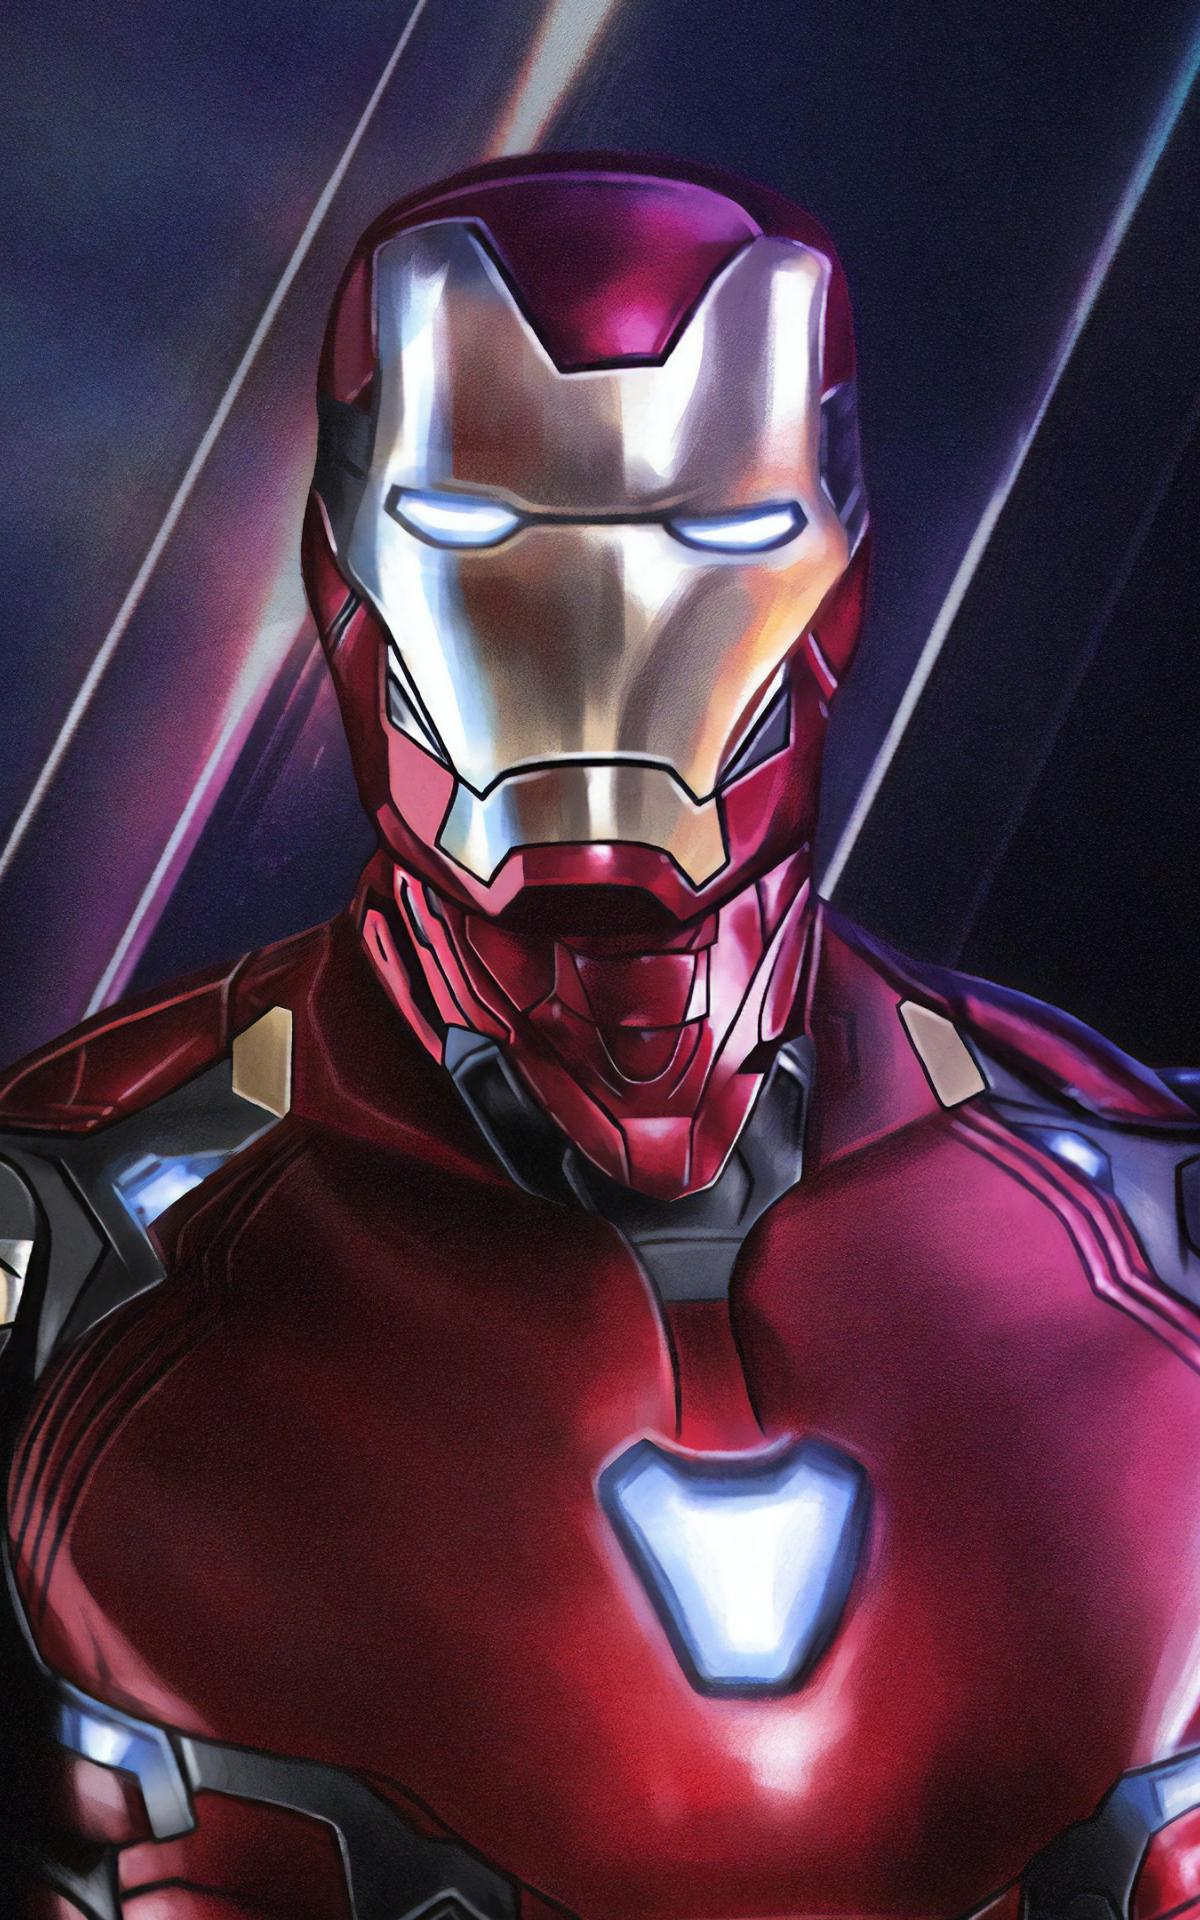 Free download 4k Iron Man Avengers Endgame Wallpaper Hook ...